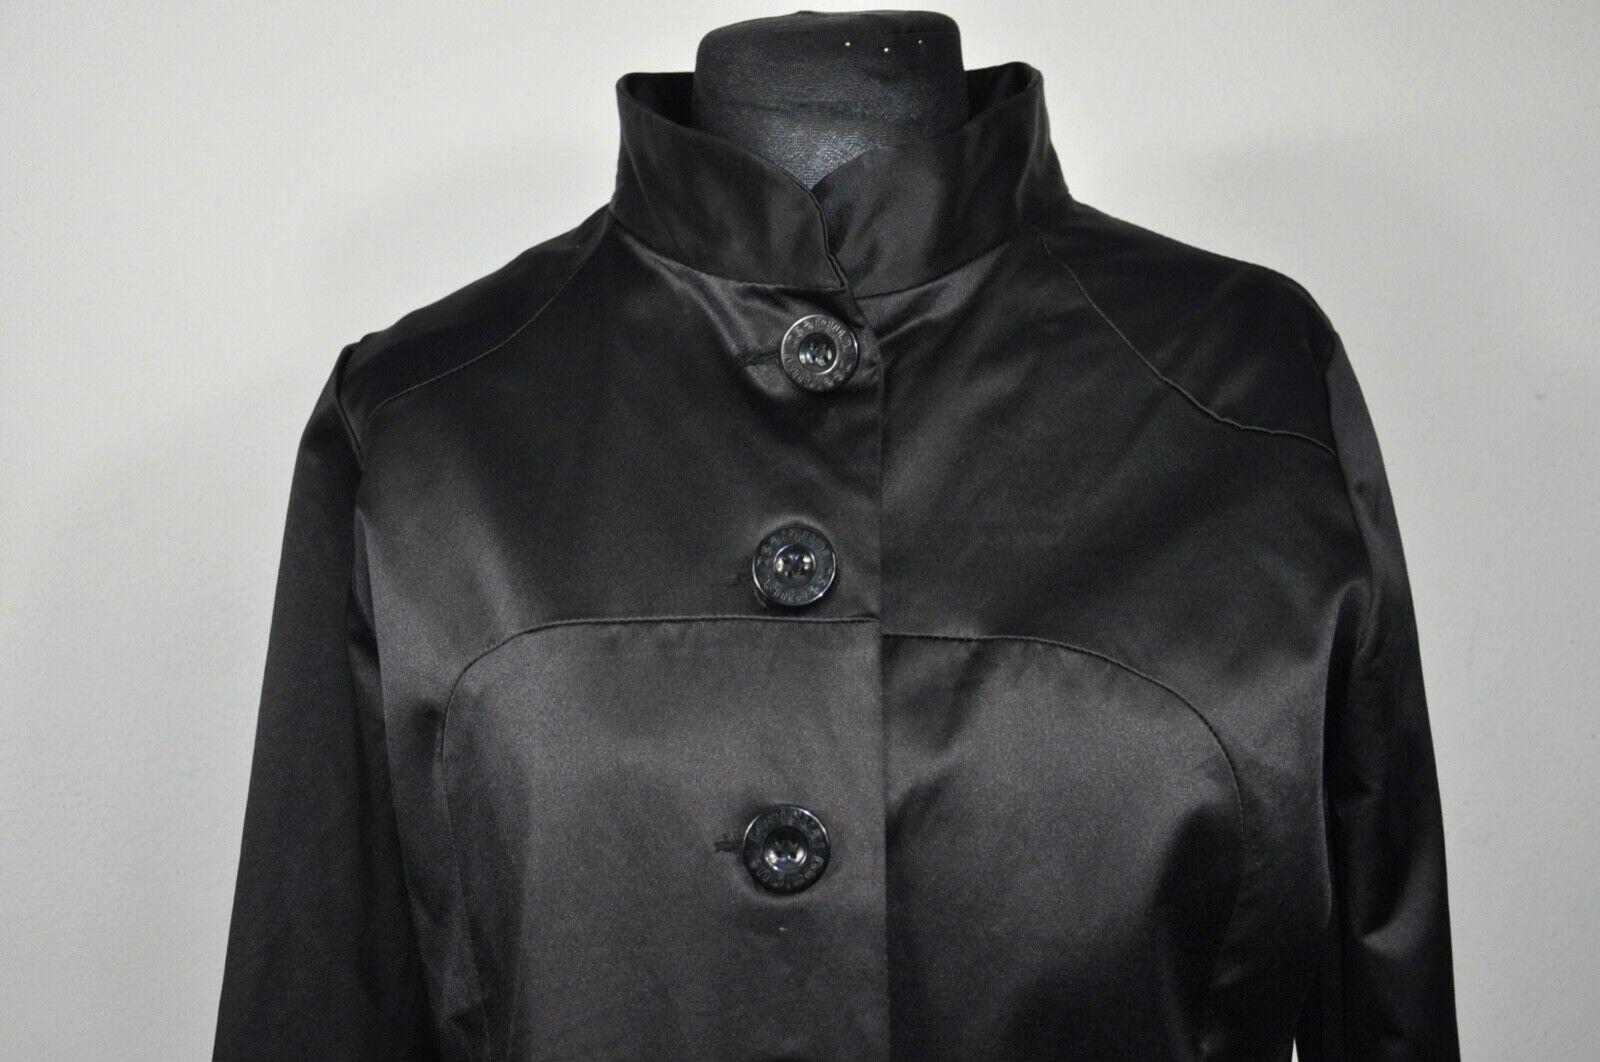 Desigual Sunbleu Mantel Noir Veste Trench Coat Taille 44